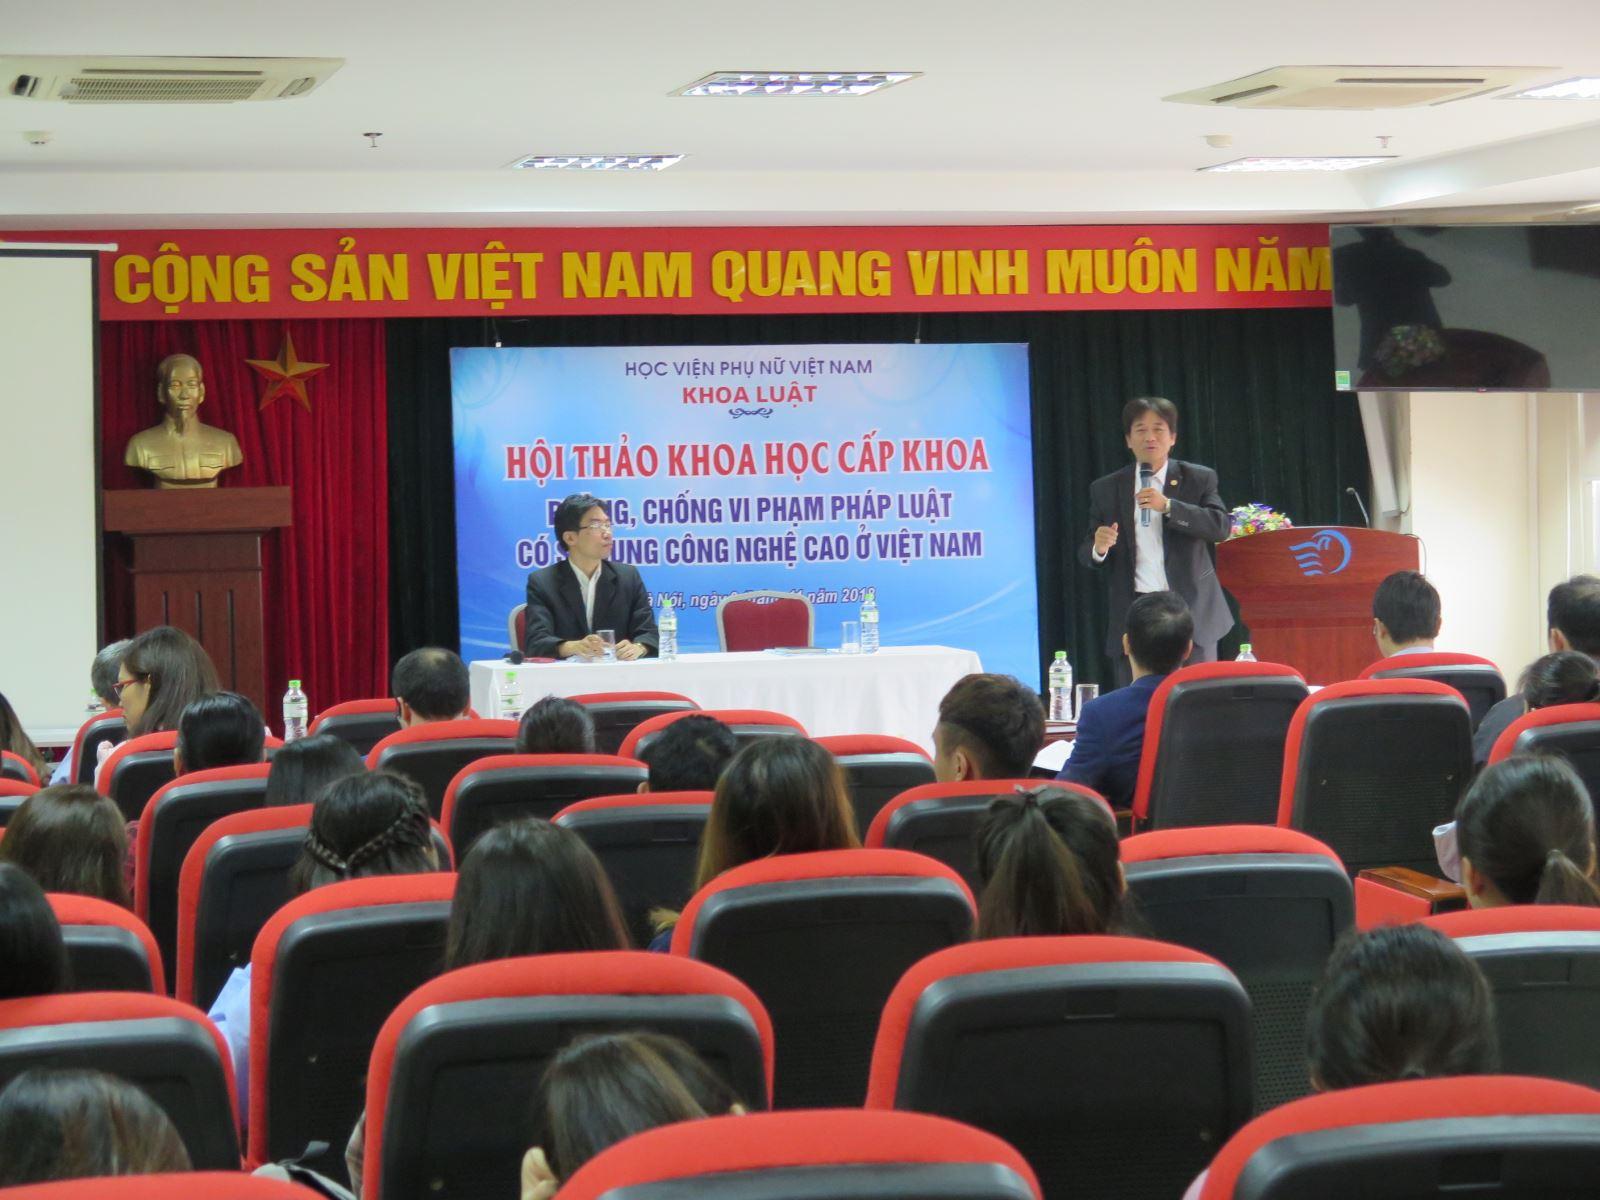 Hội thảo: Phòng, chống vi phạm pháp luật có sử dụng công nghệ cao